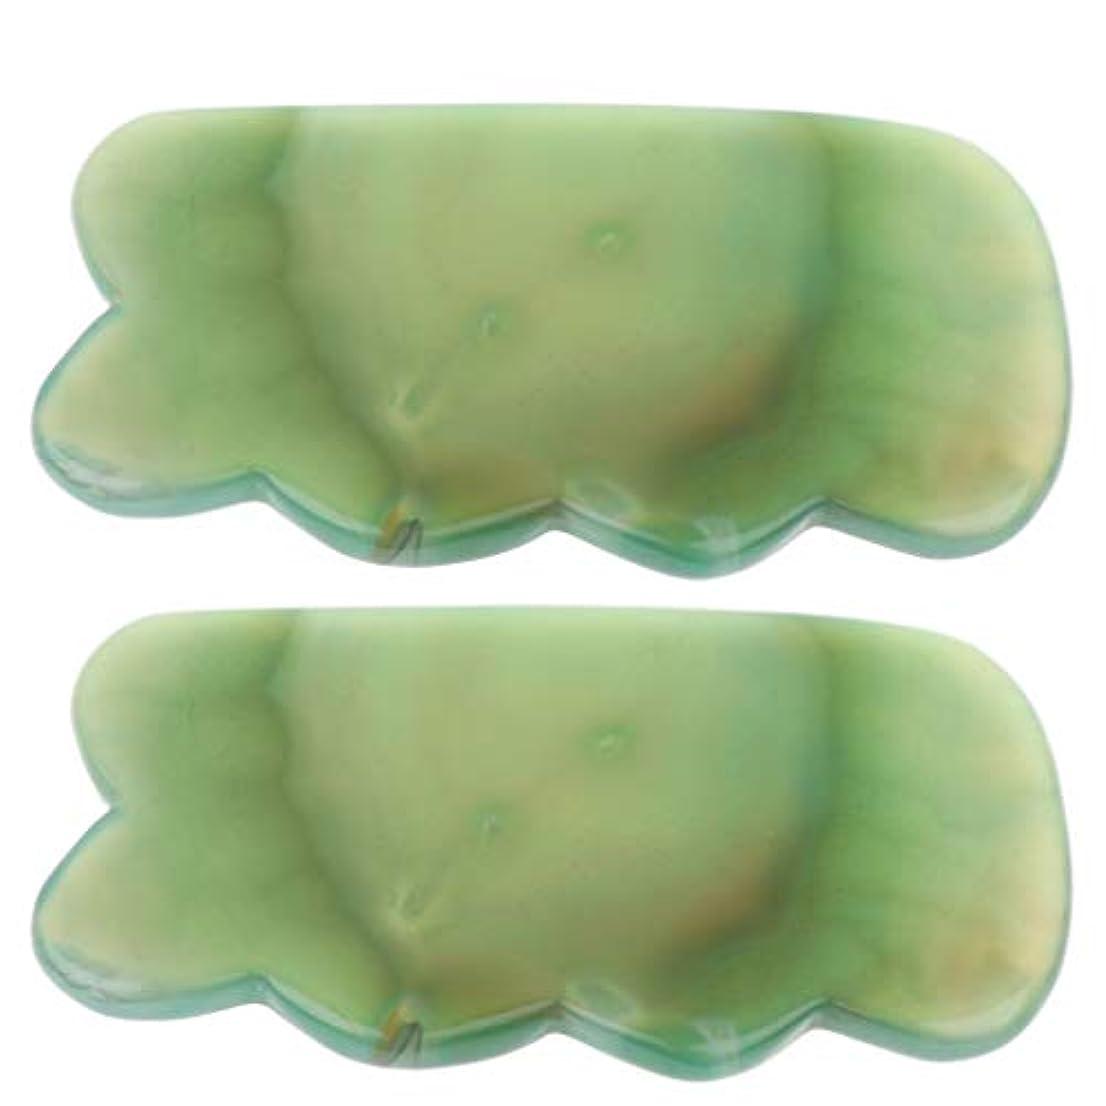 たるみ結晶かき混ぜるP Prettyia かっさプレート カッサ板 天然石 瑪瑙玉 カッサボード カッサマッサージ道具 スパ 2個入